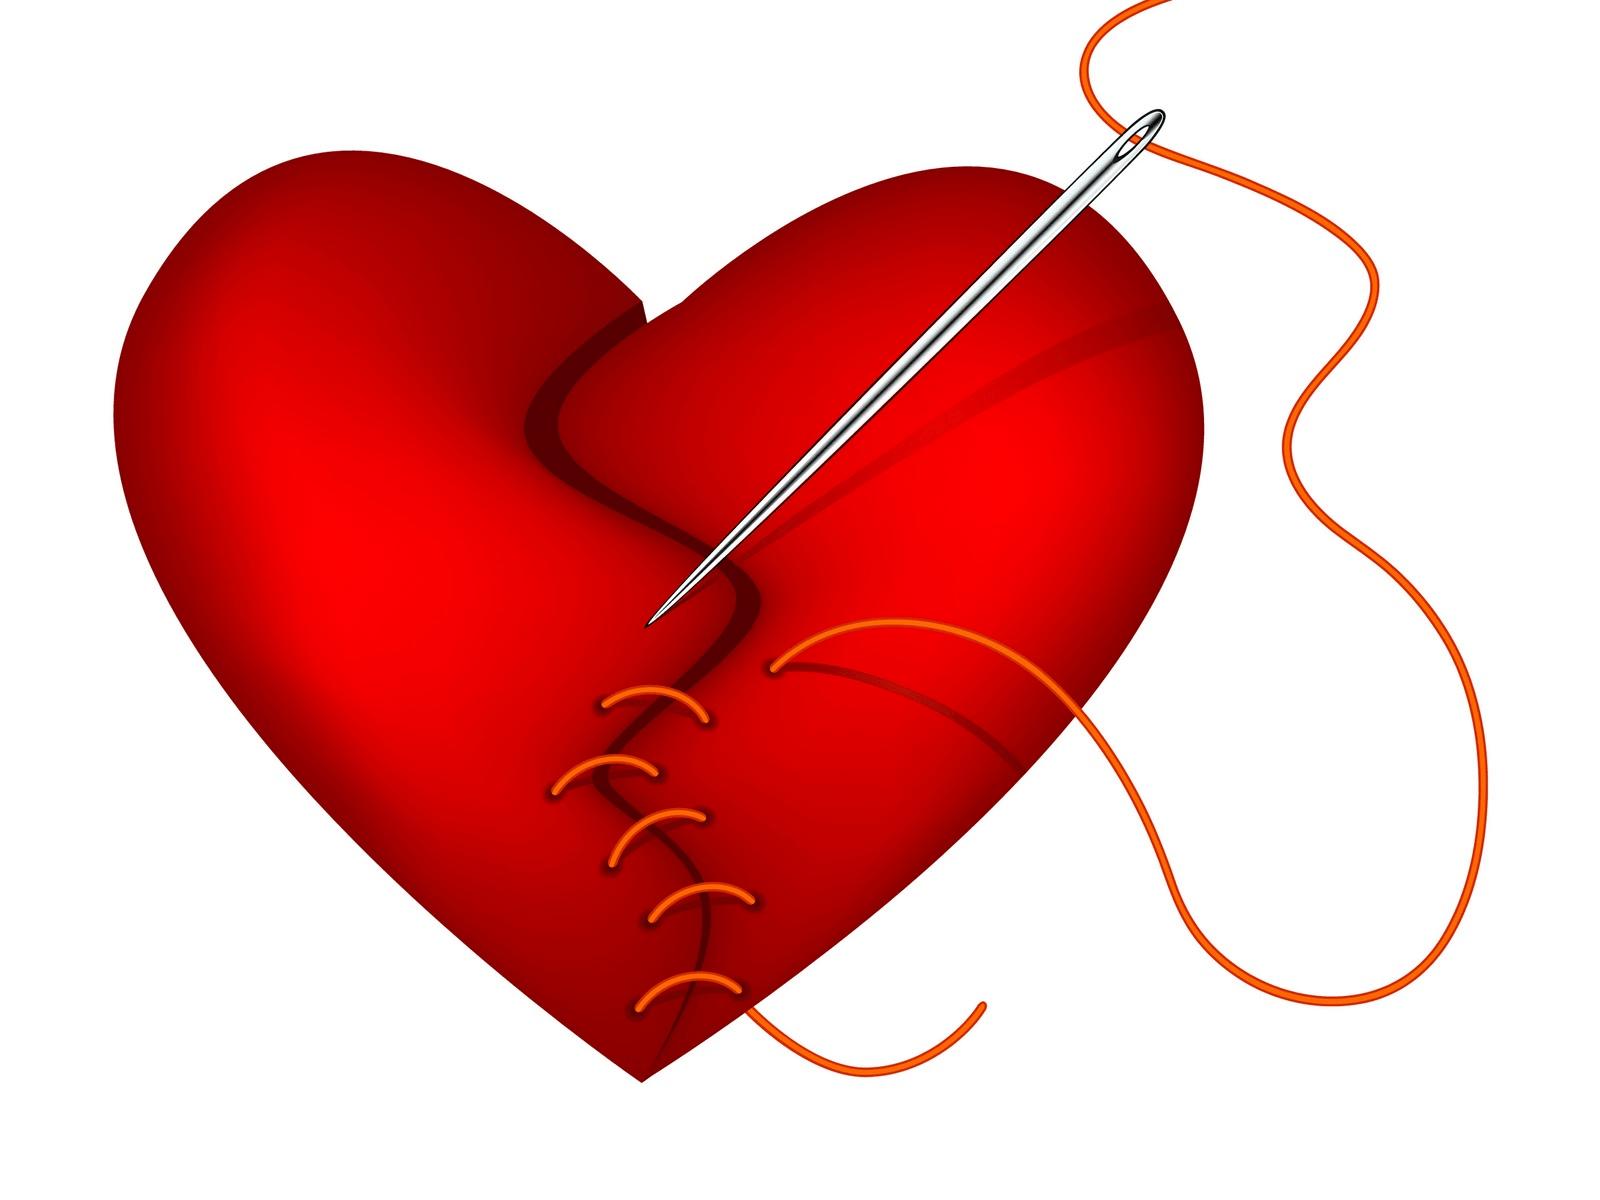 heart mended